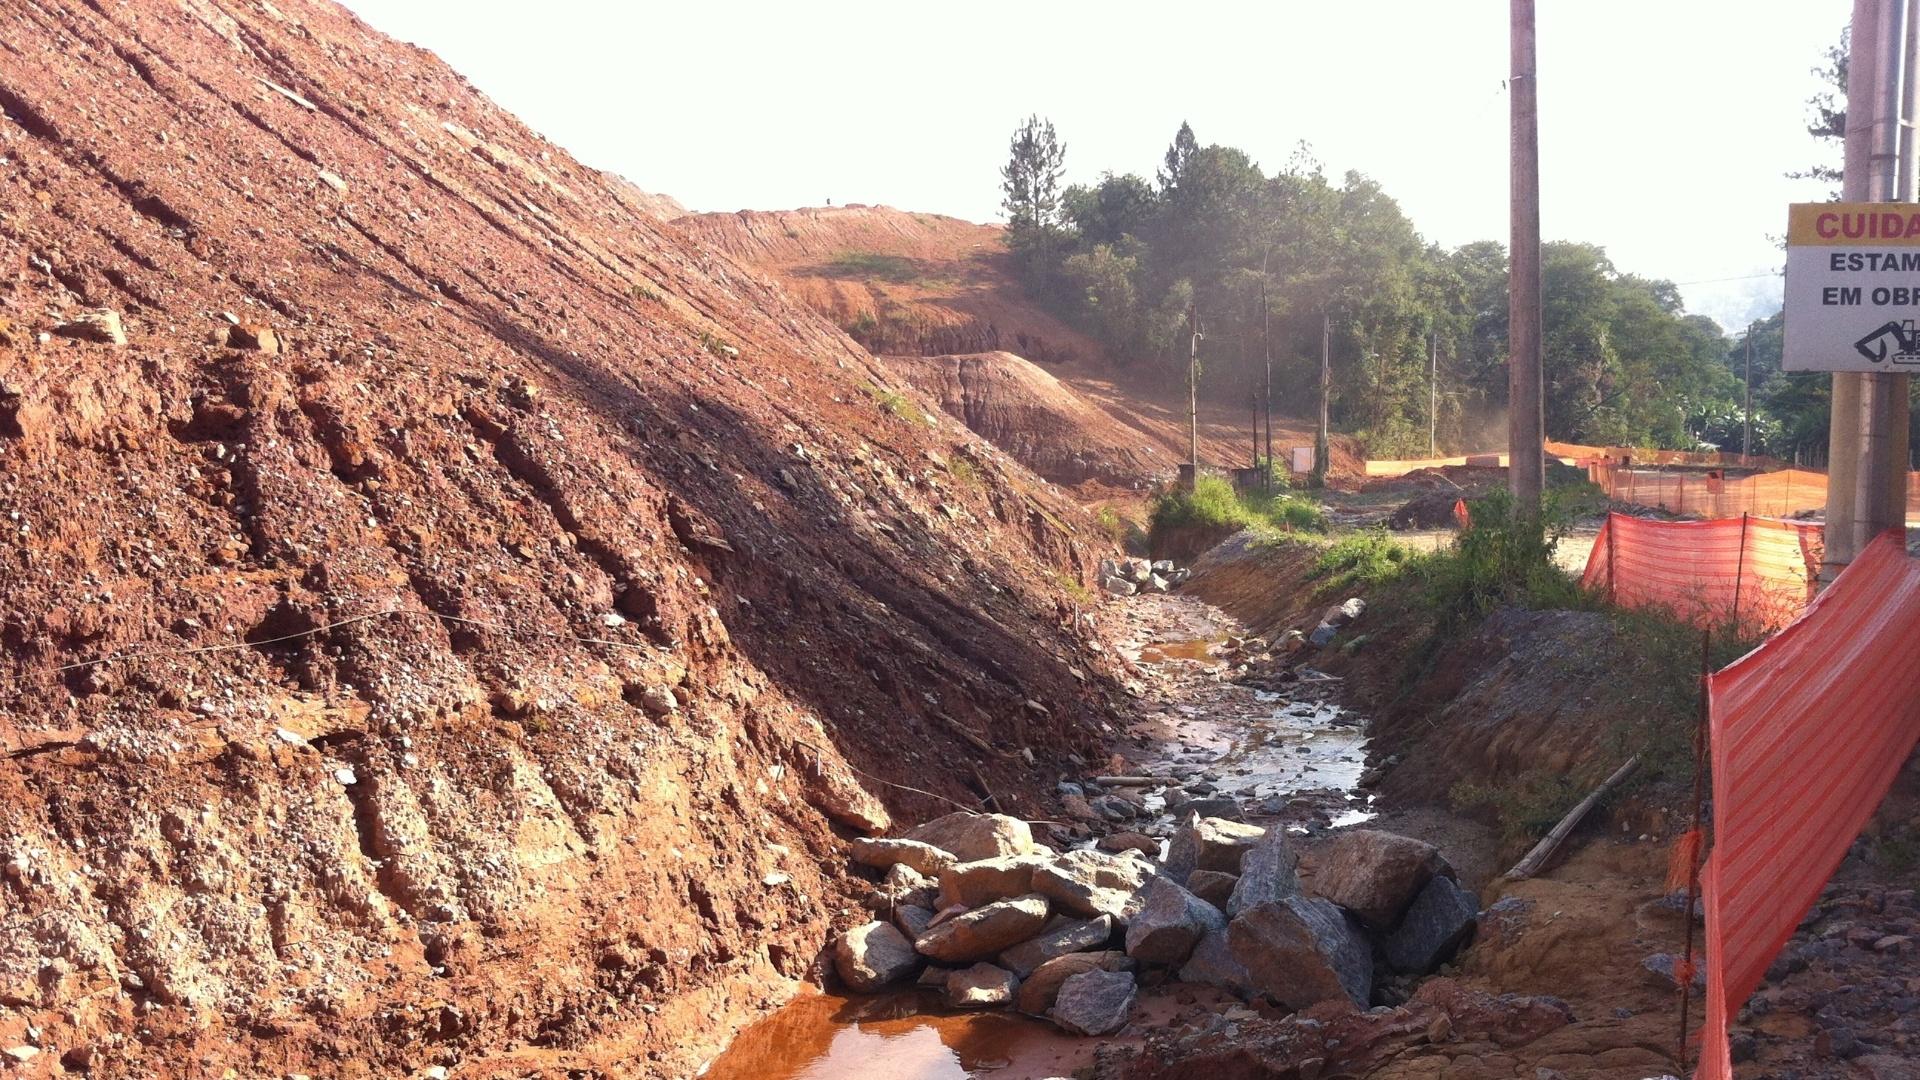 ?Antes esse rio passava ali em cima. Era tudo mato, a gente tomava banho nele. Agora é só terra e não dá para molhar nem a canela